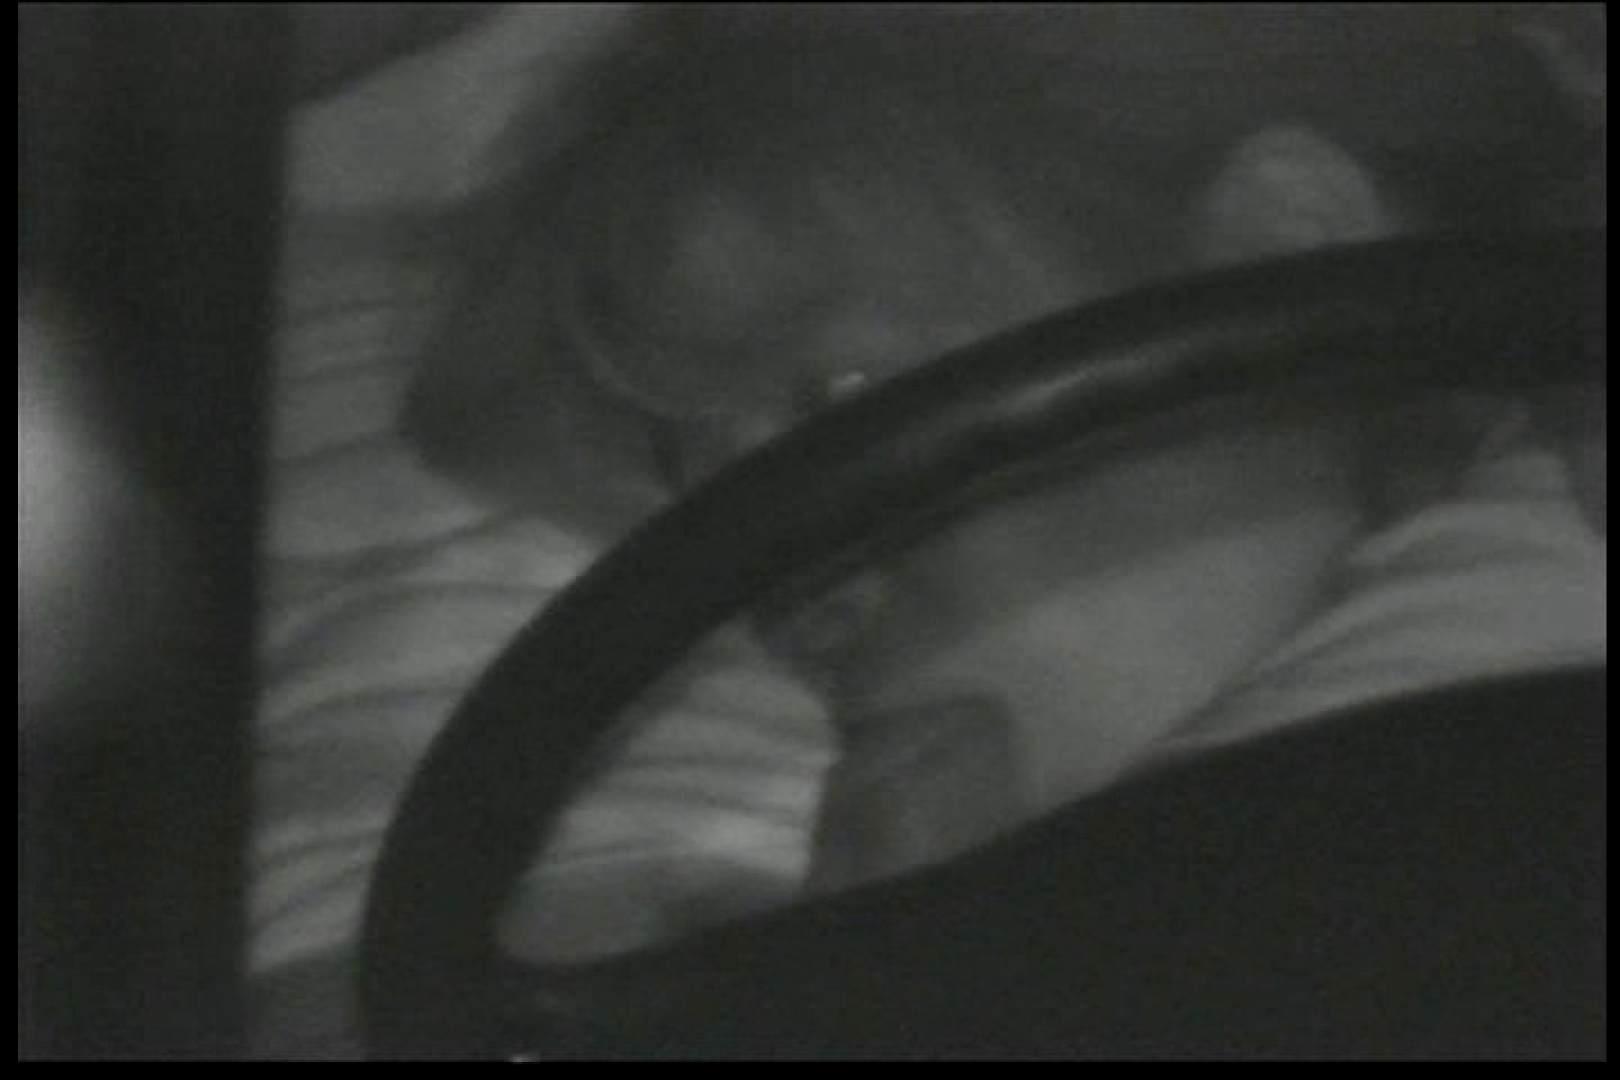 車の中はラブホテル 無修正版  Vol.12 赤外線 オメコ動画キャプチャ 109連発 53